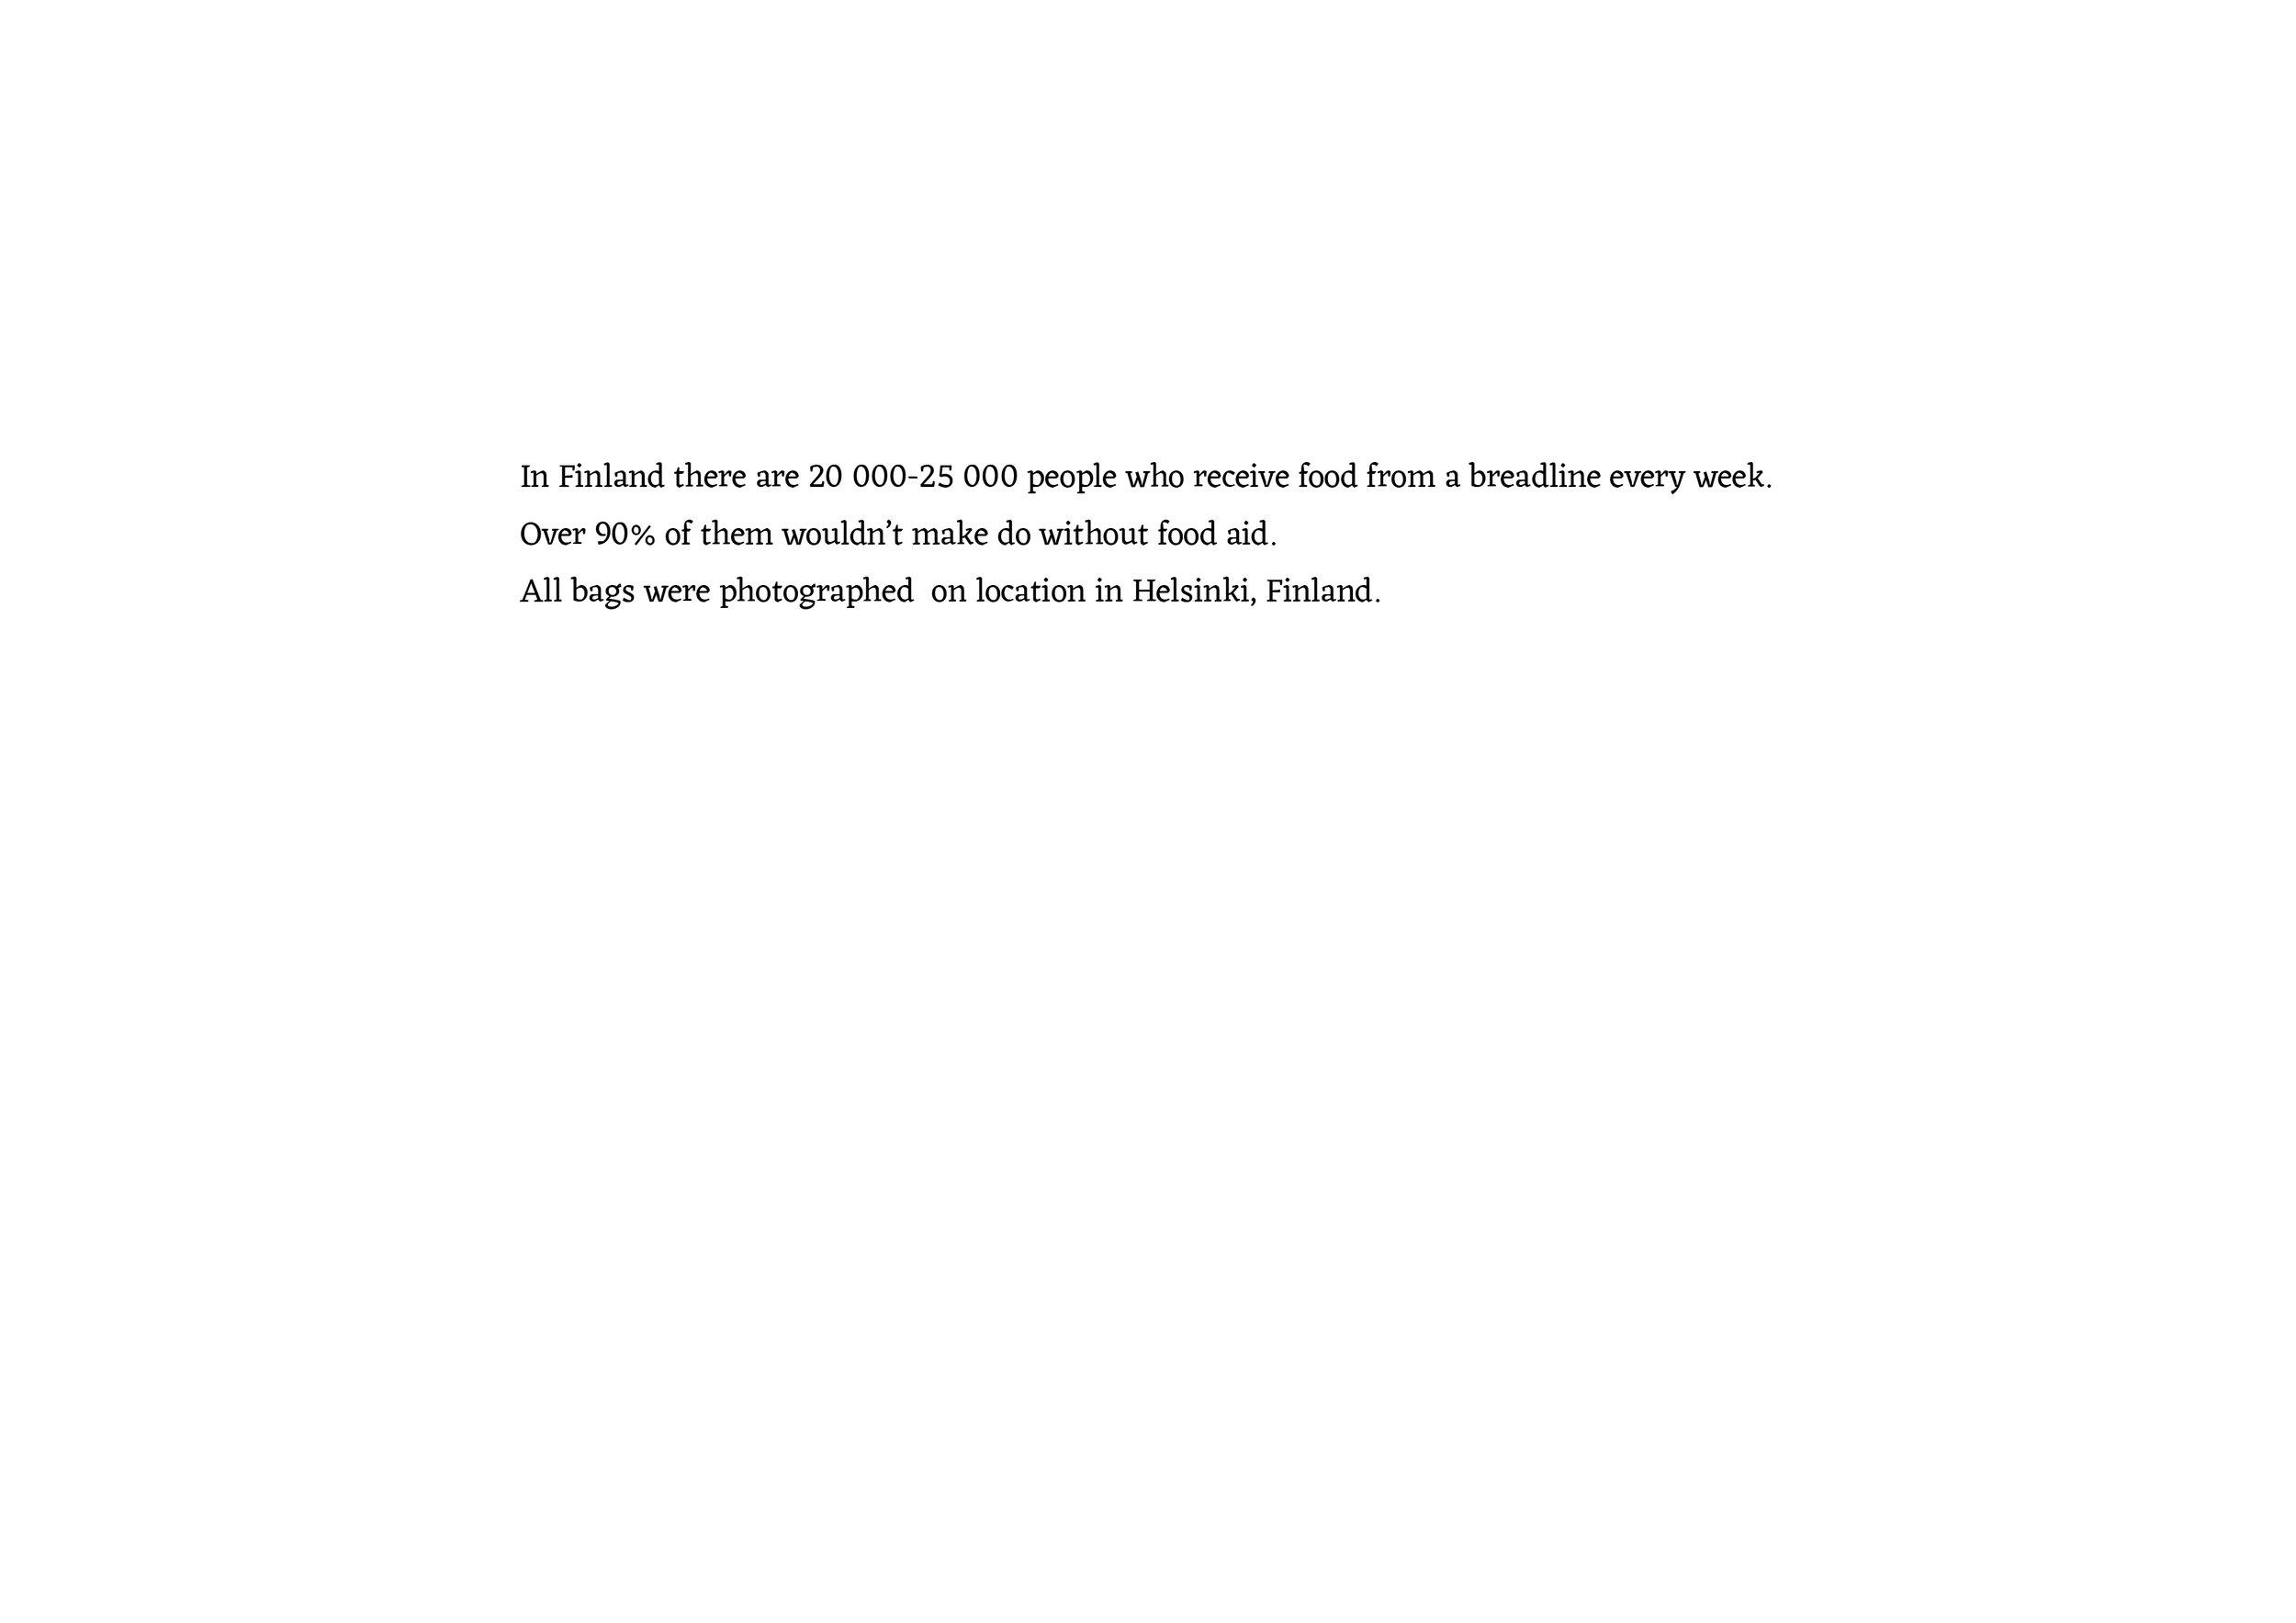 dailybread_teksti_regular-12.jpg